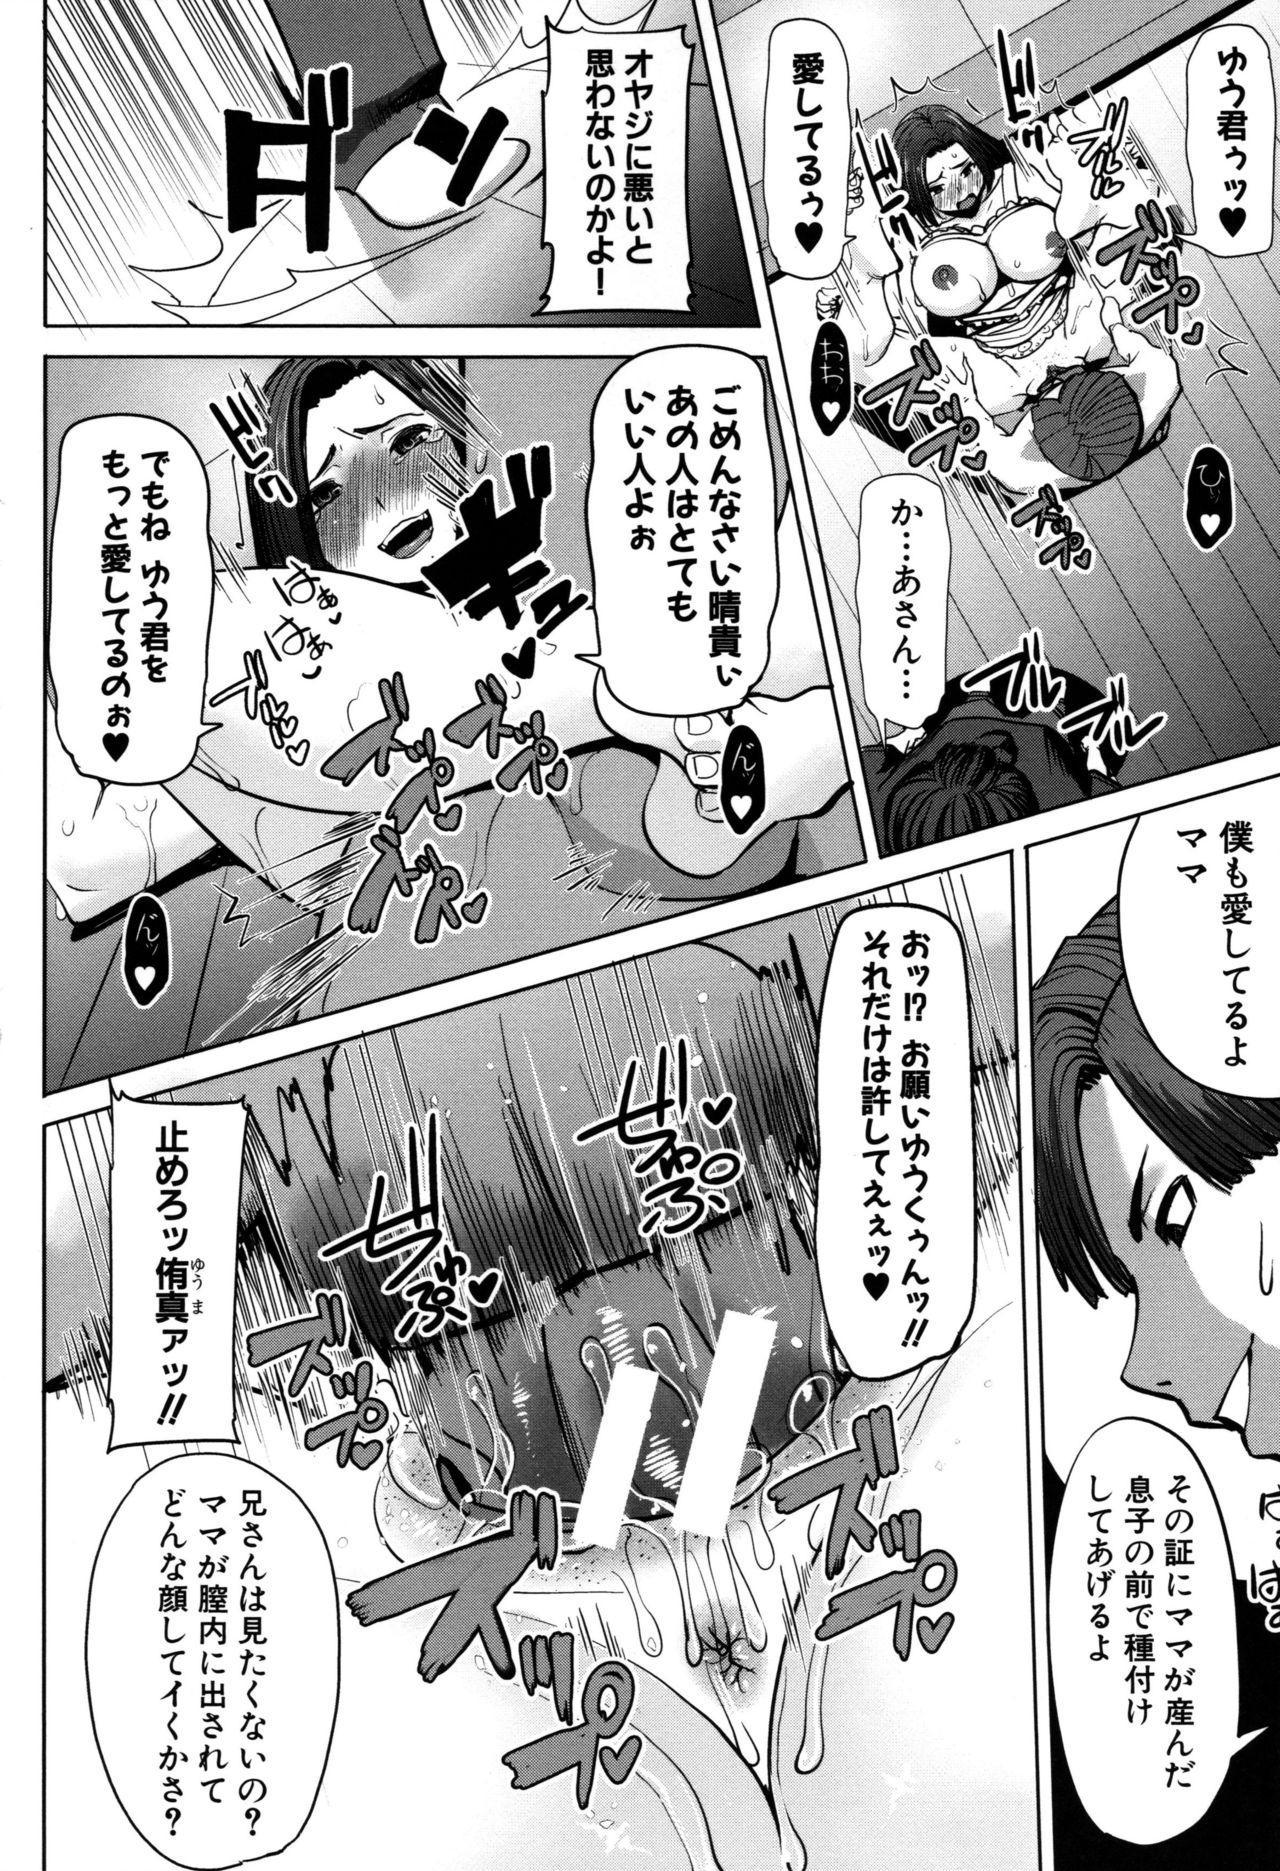 Unsweet - Asahina Ikka Netorareta Haha · Tomoko 167